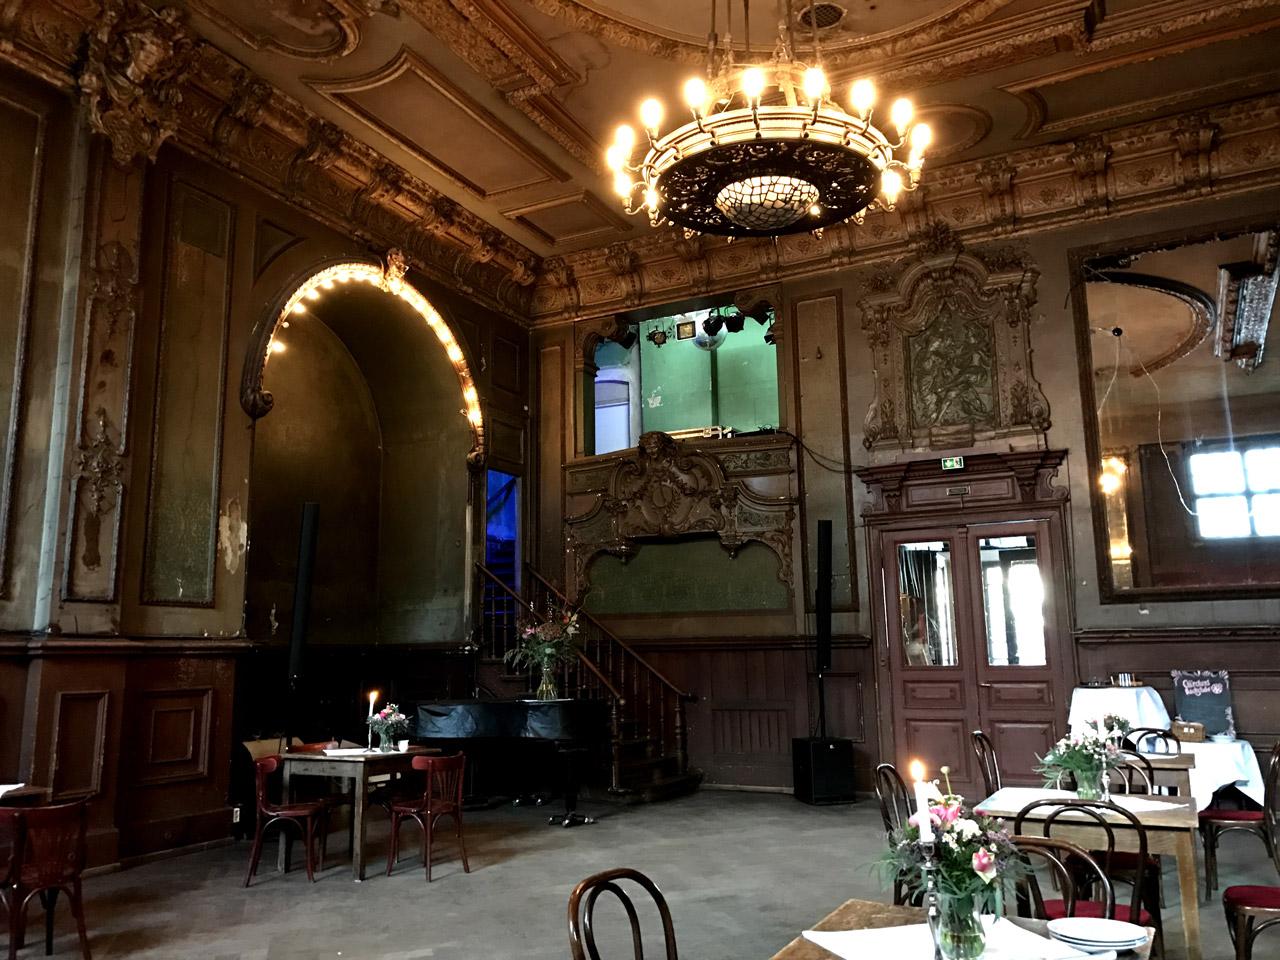 Berlin Spiegelsaal Salle des miroirs